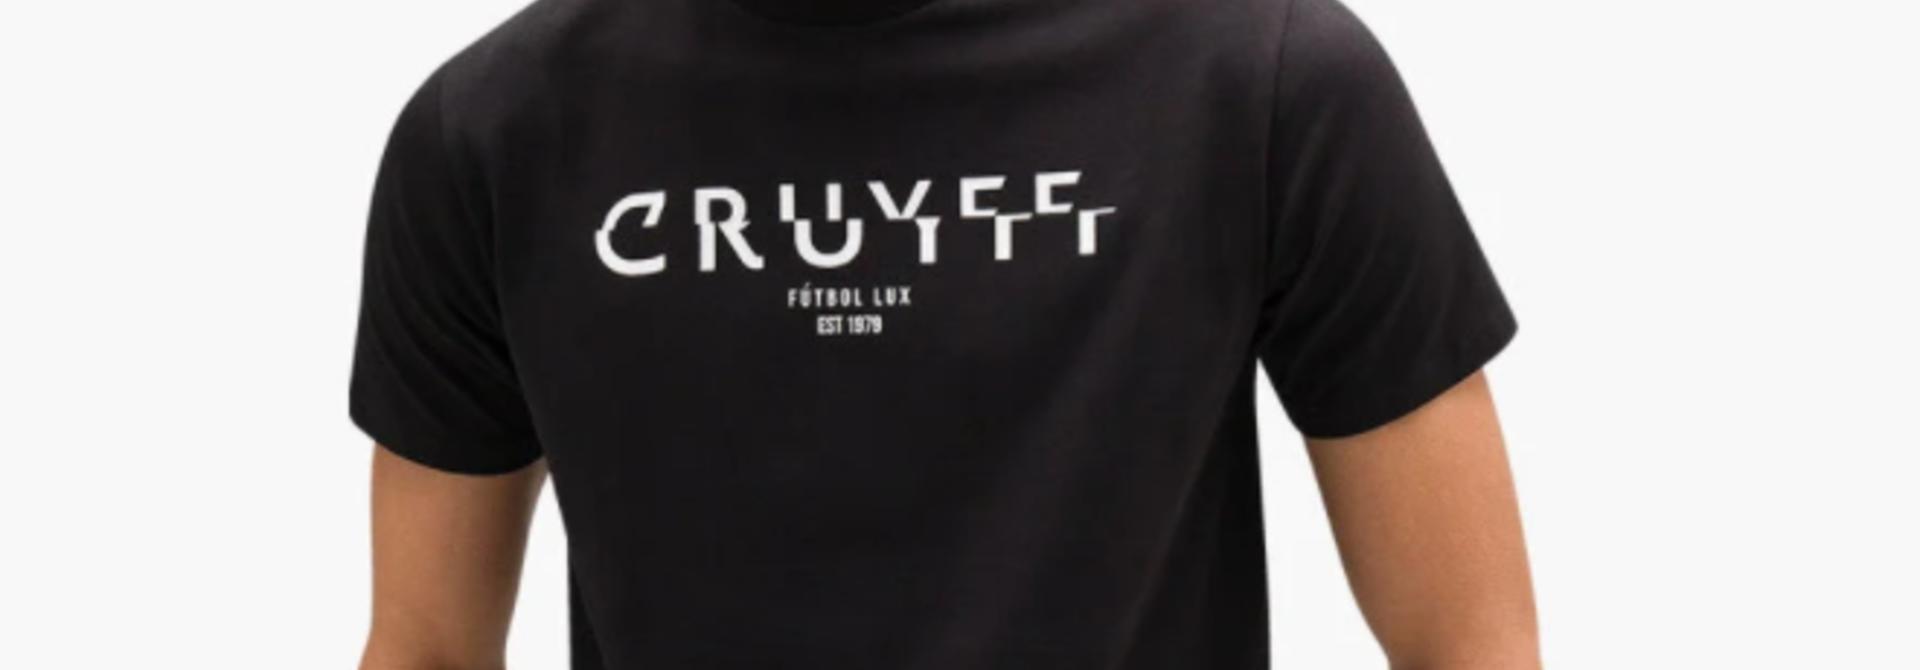 Cruyff jeroni SS Tee